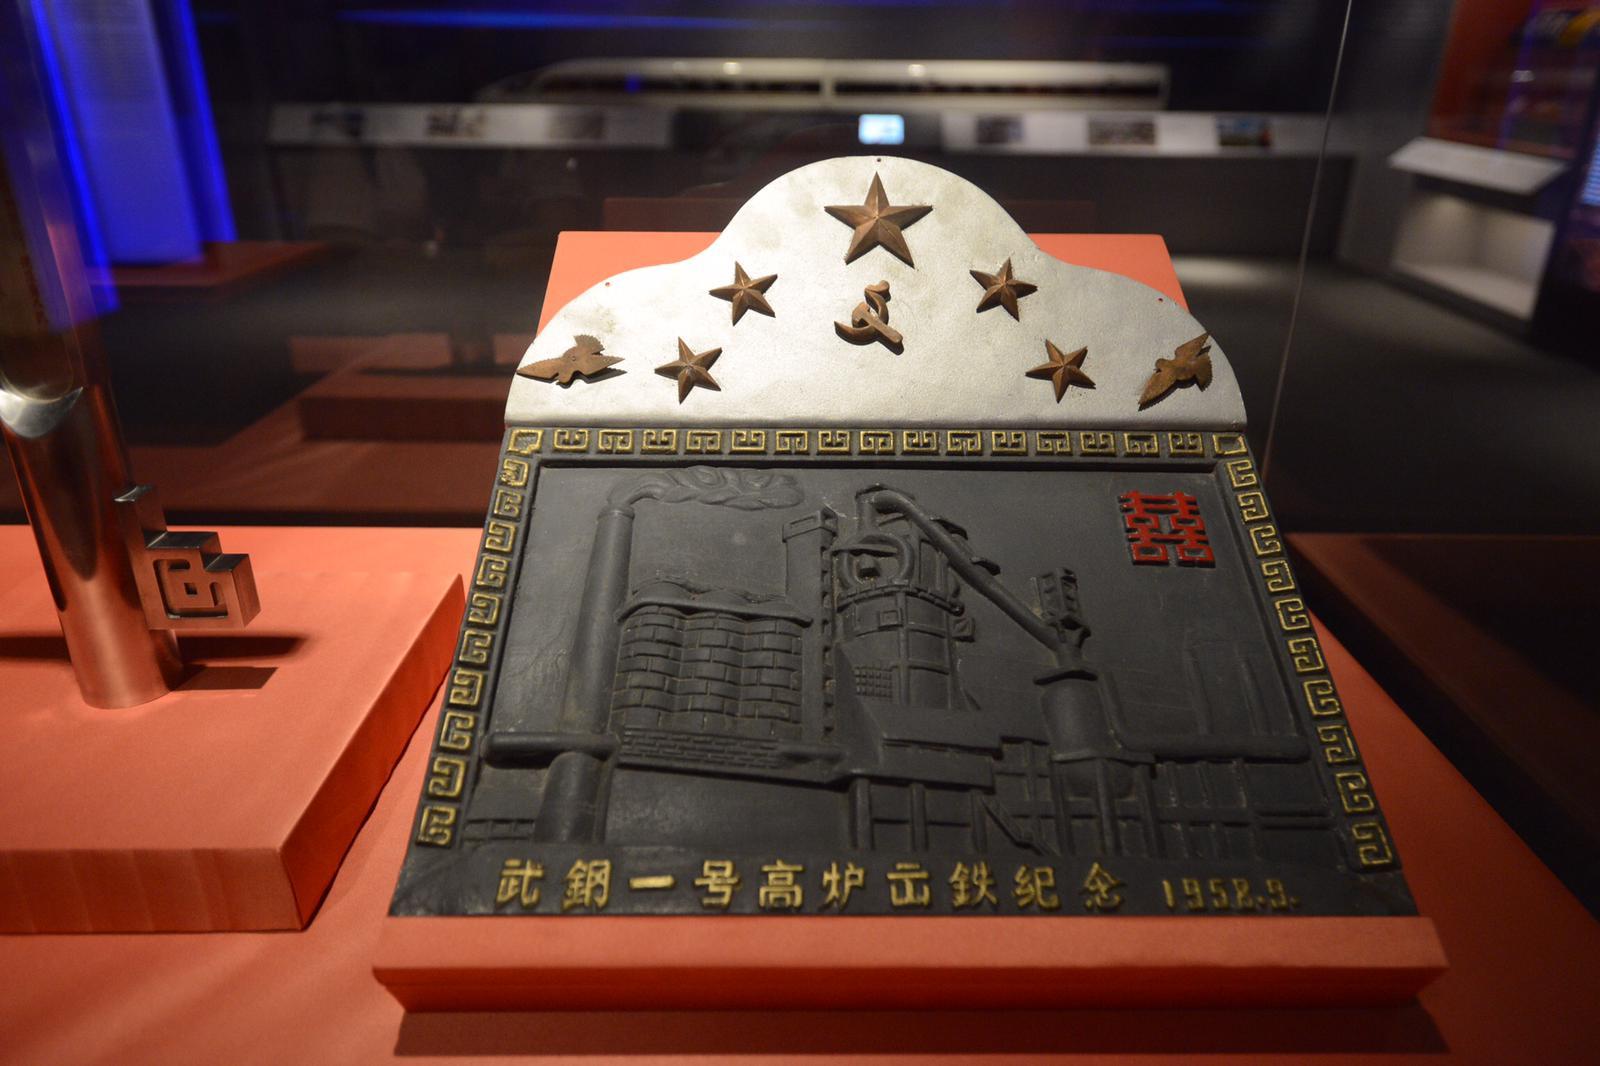 重點藏品包括首次展示,由武漢鋼鐵公司一號高爐煉出第一爐鐵水所製的紀念浮雕。